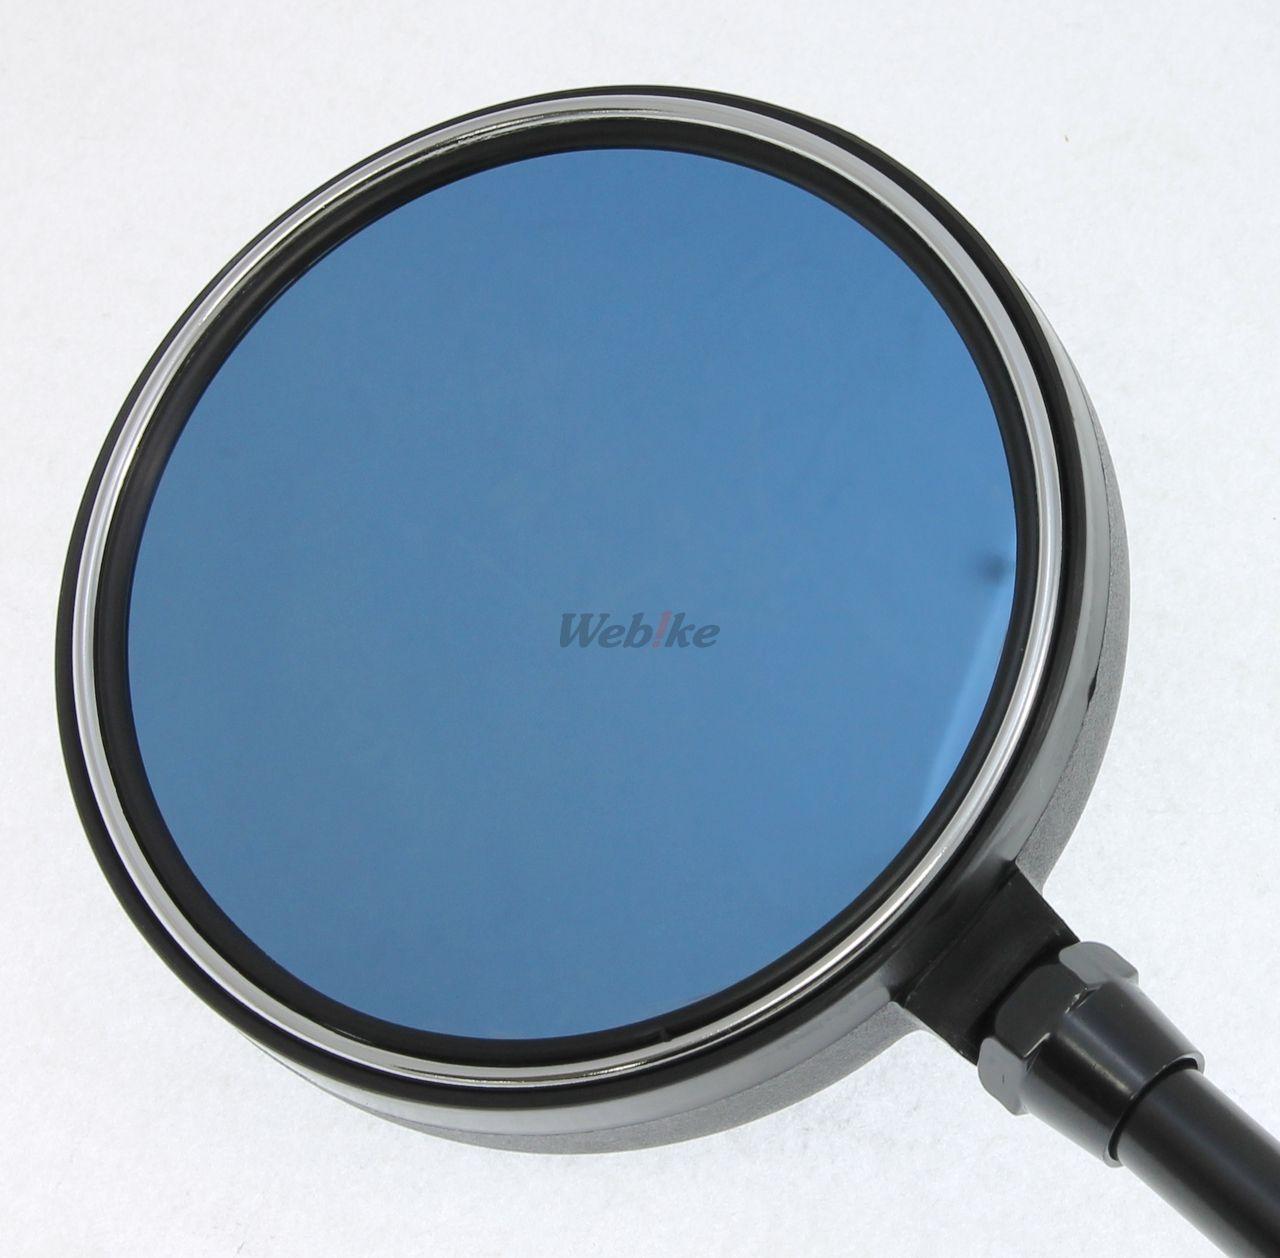 【KIJIMA】Z2型式後視鏡 - 「Webike-摩托百貨」